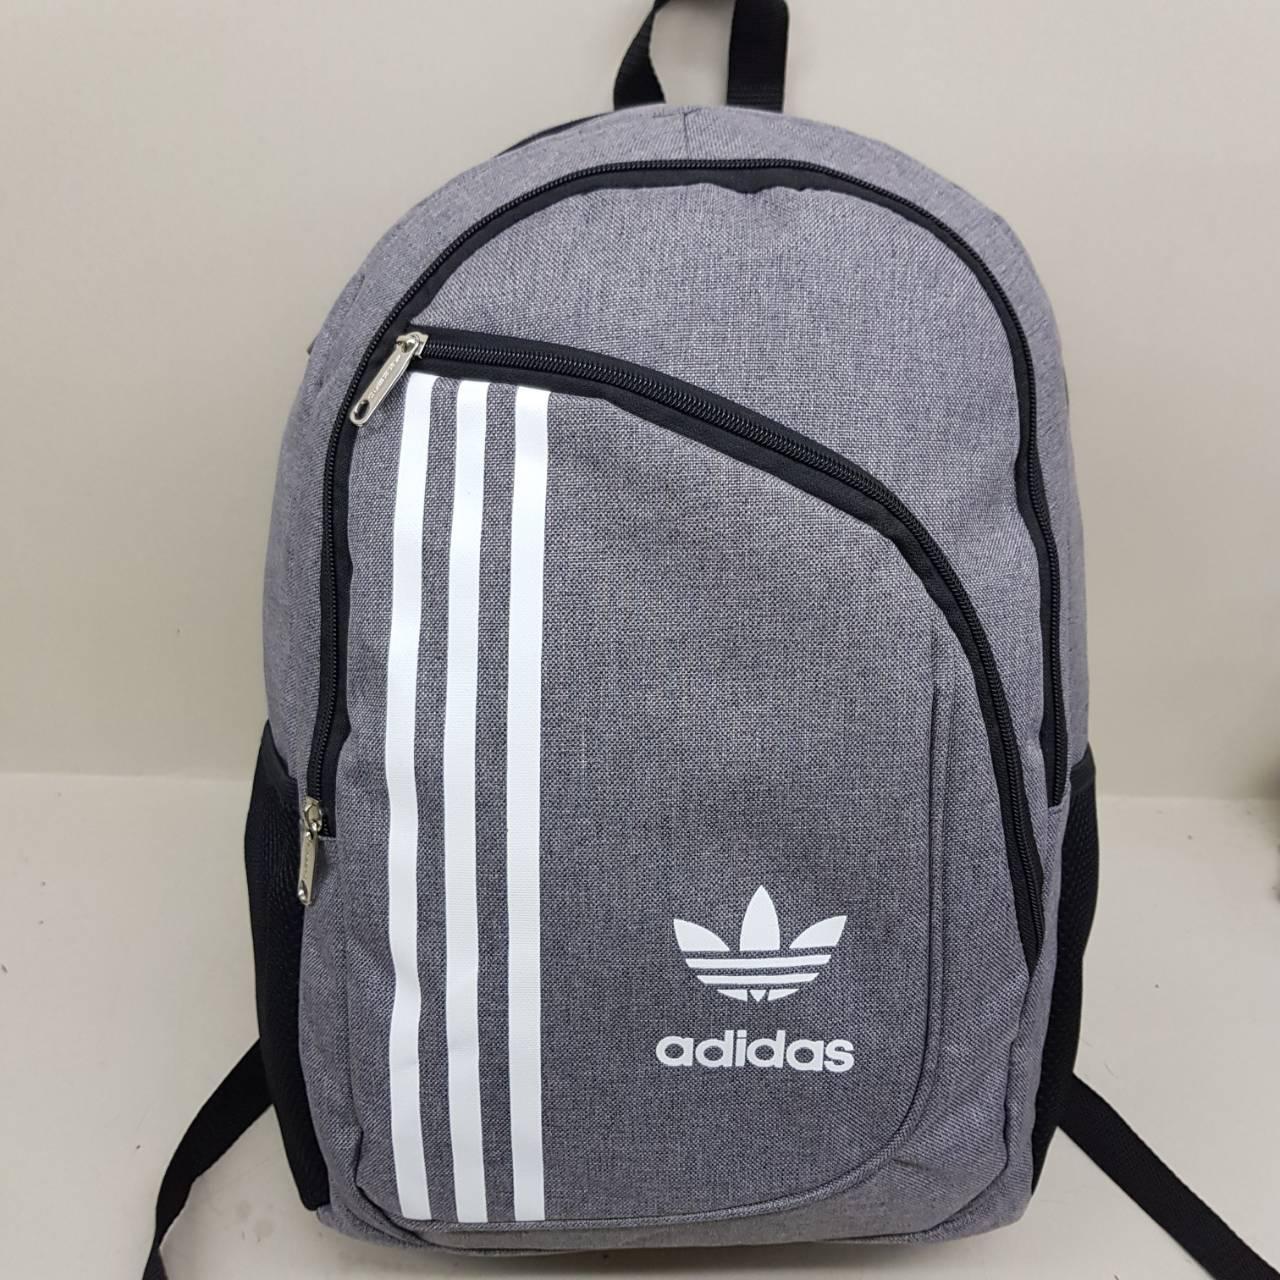 7015415070f0 Спортивный городской рюкзак Adidas серый на два отделения Адидас мужской  женский